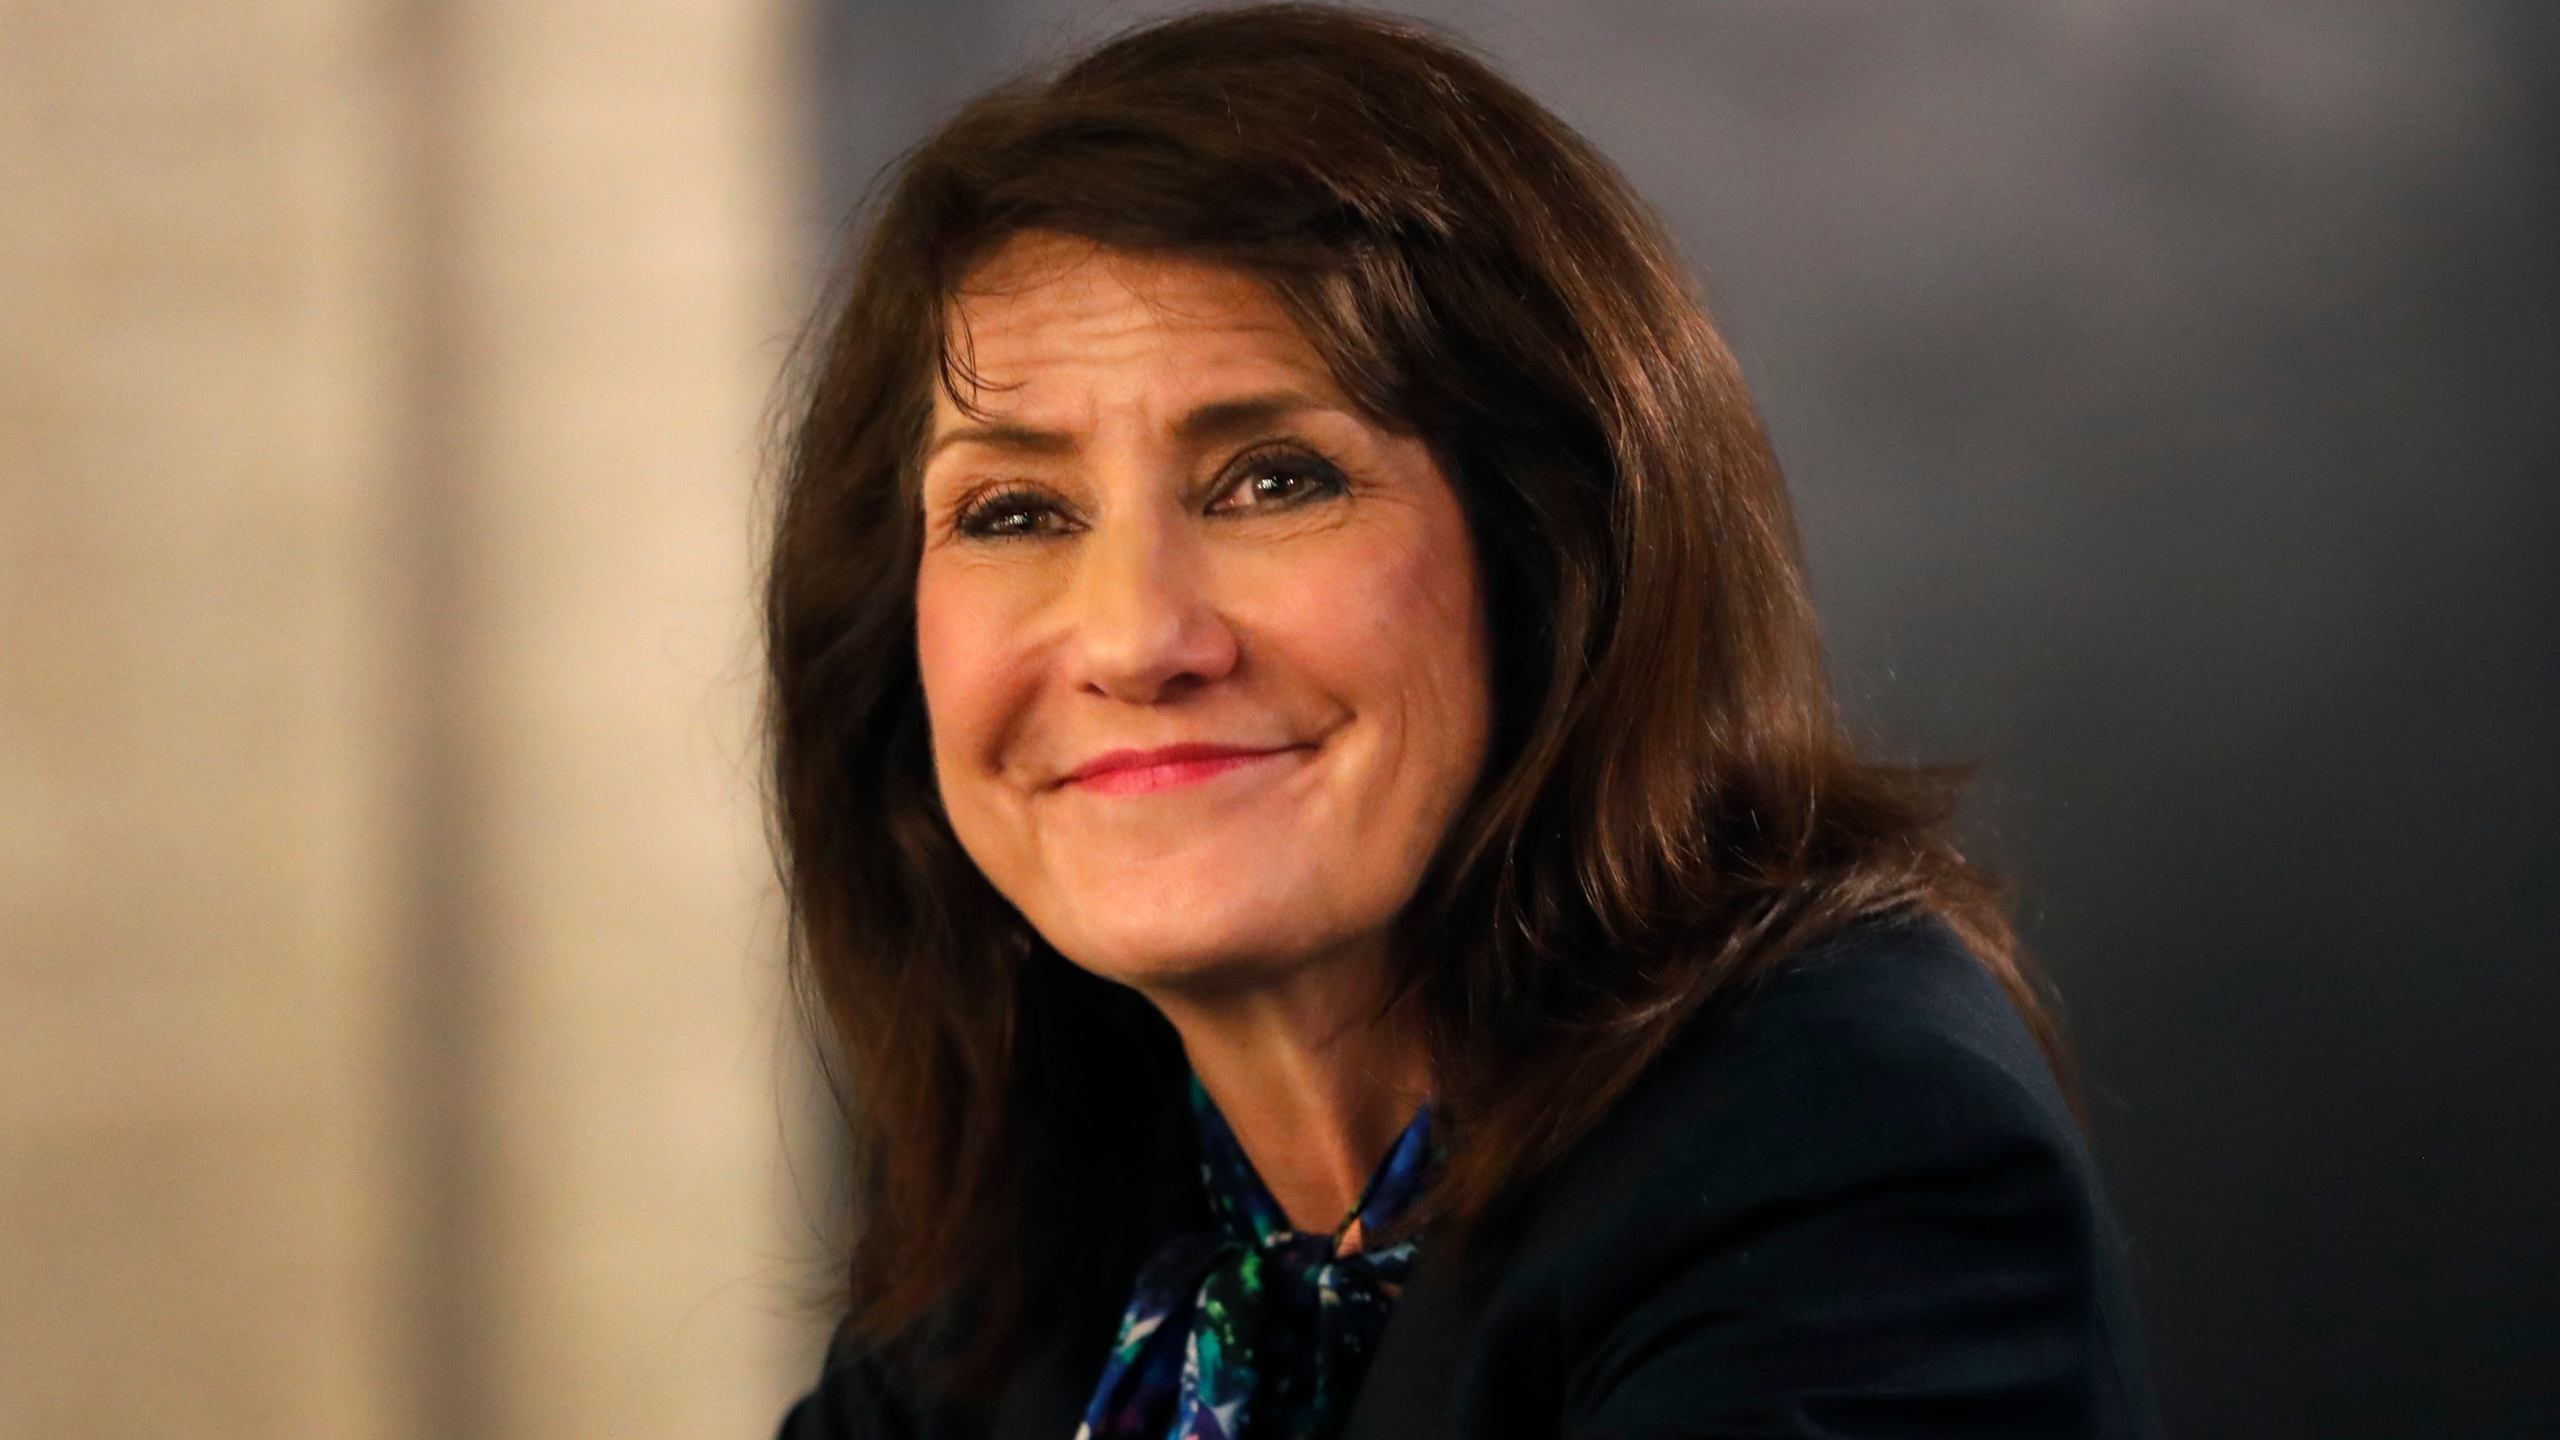 Marie Newman